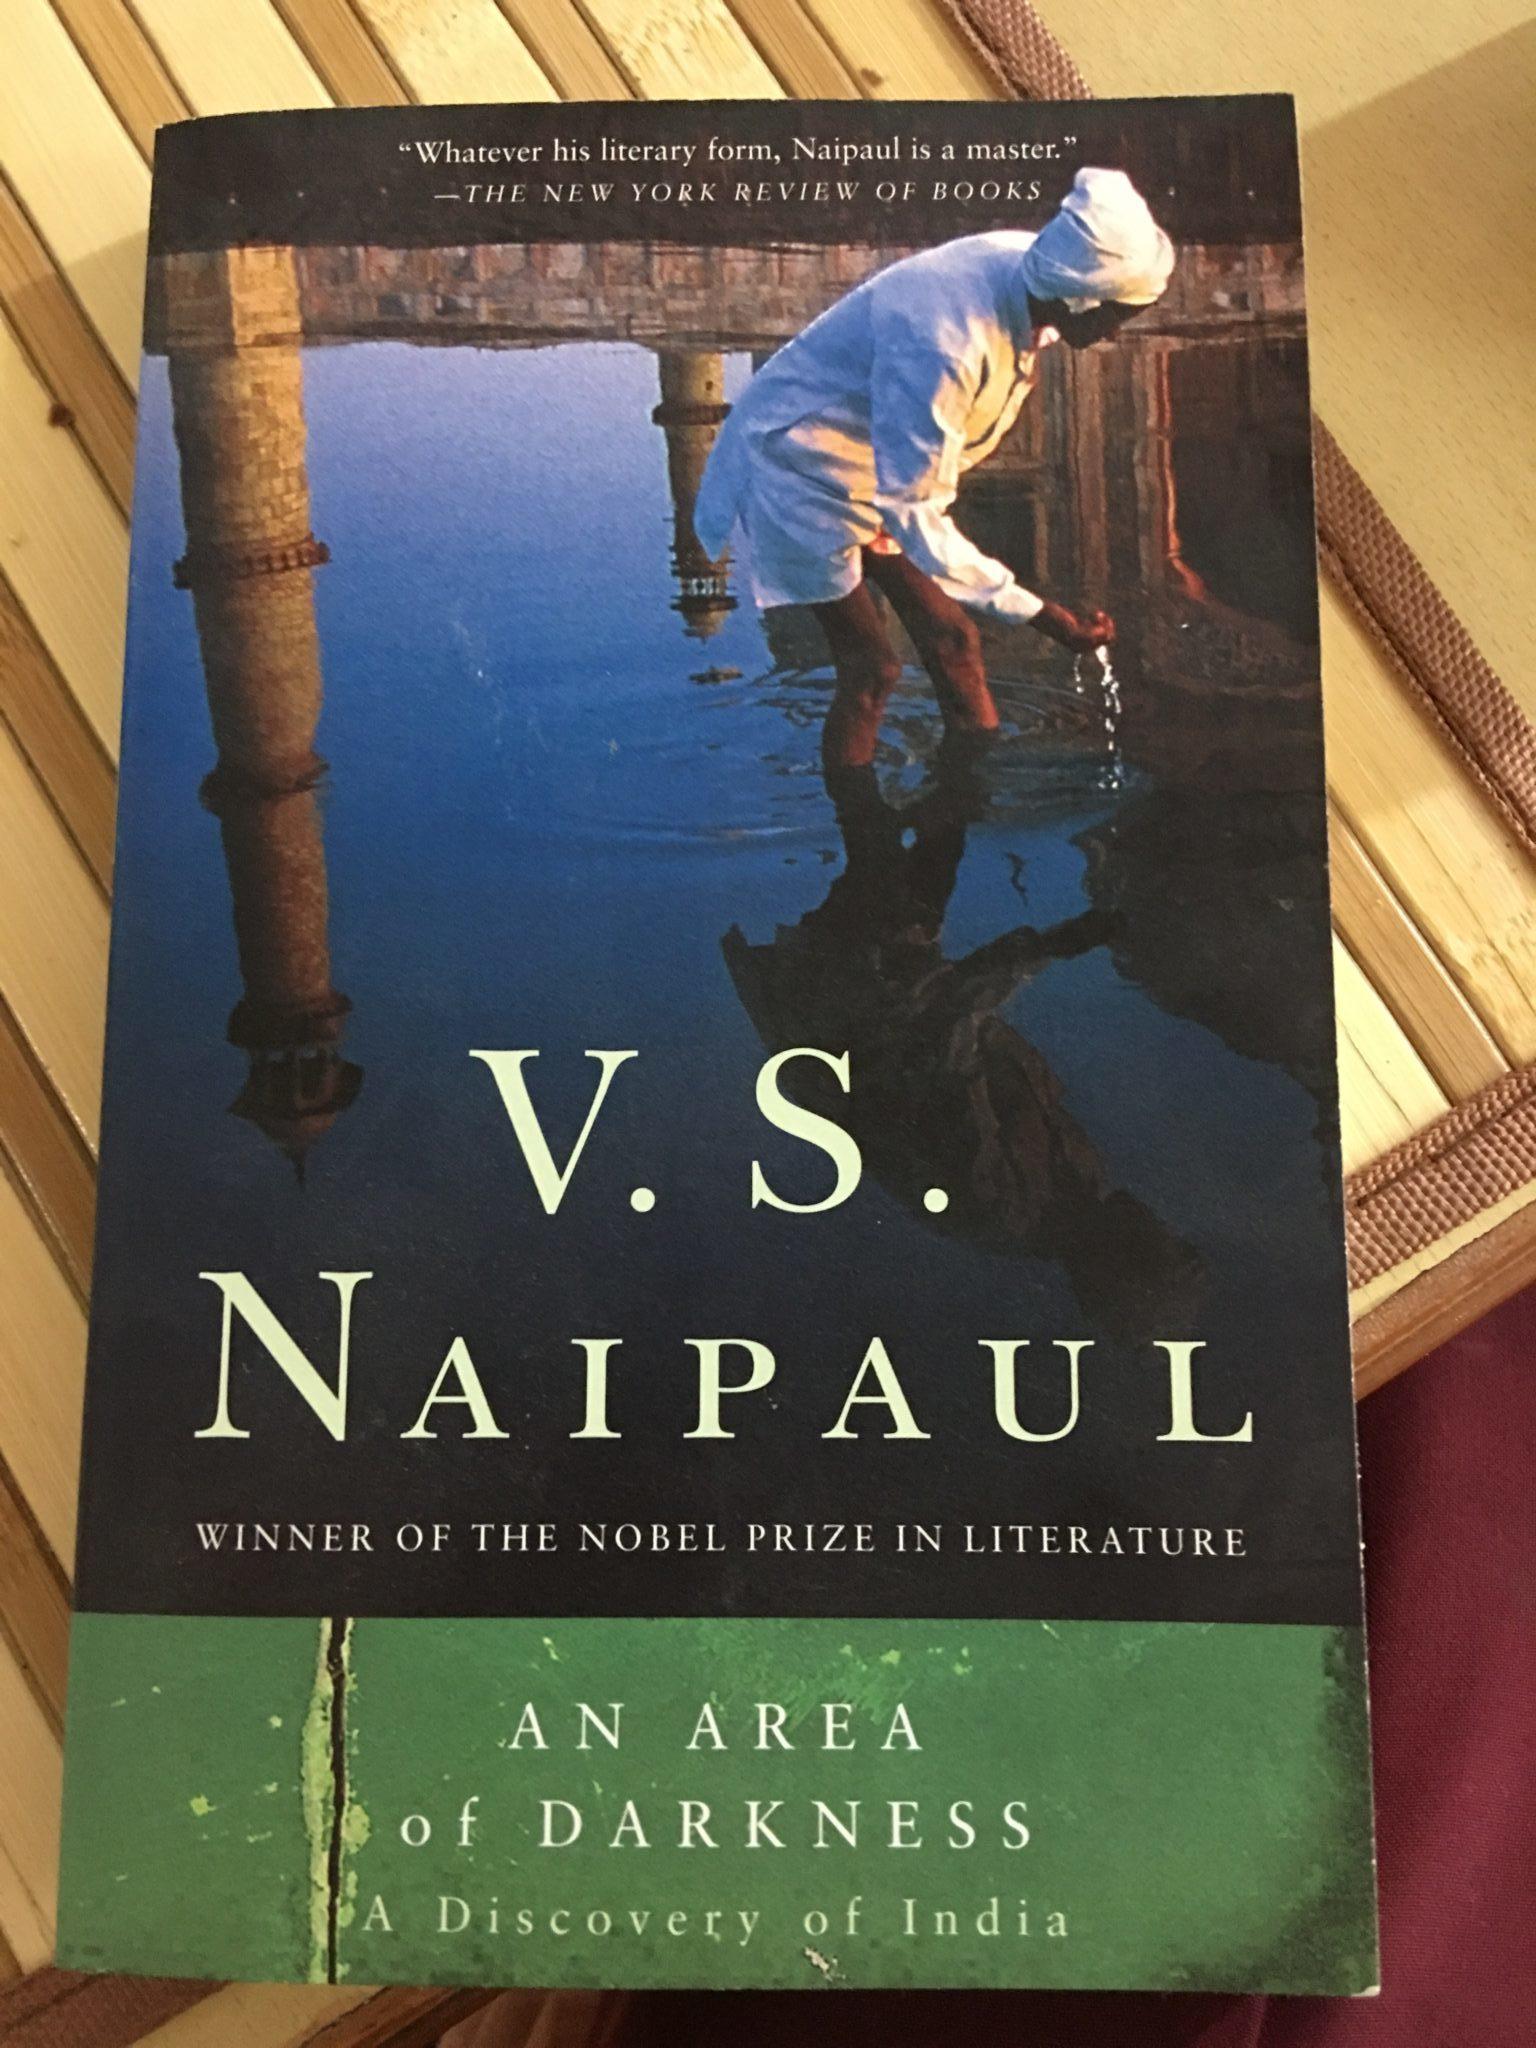 Ich will dieses Buch lesen